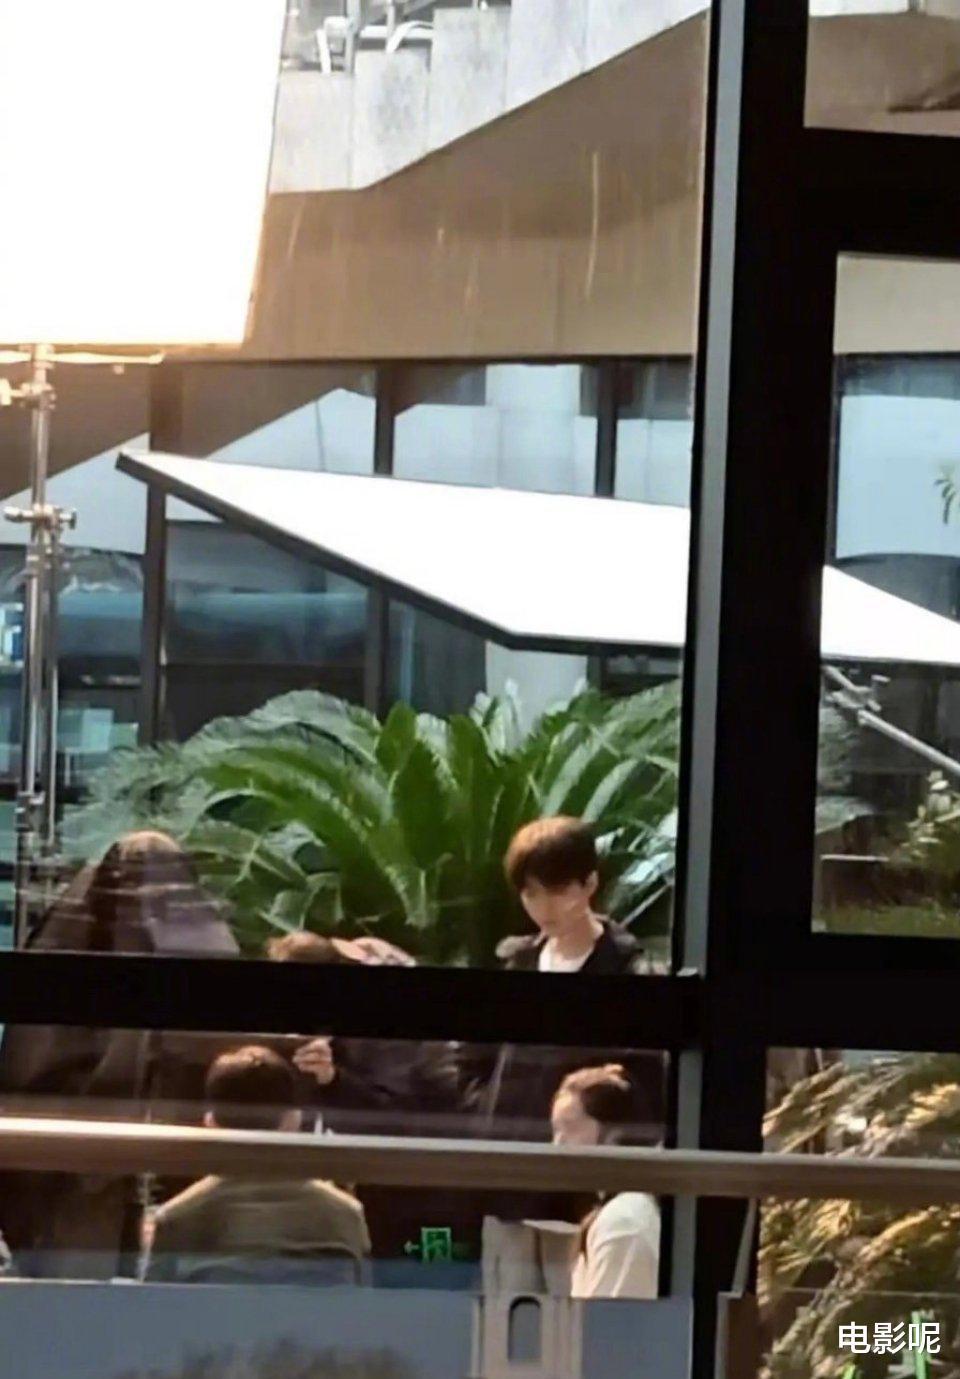 王俊凯和张译包厢喝咖啡!粉丝get王俊凯的杯子,结果让人意外